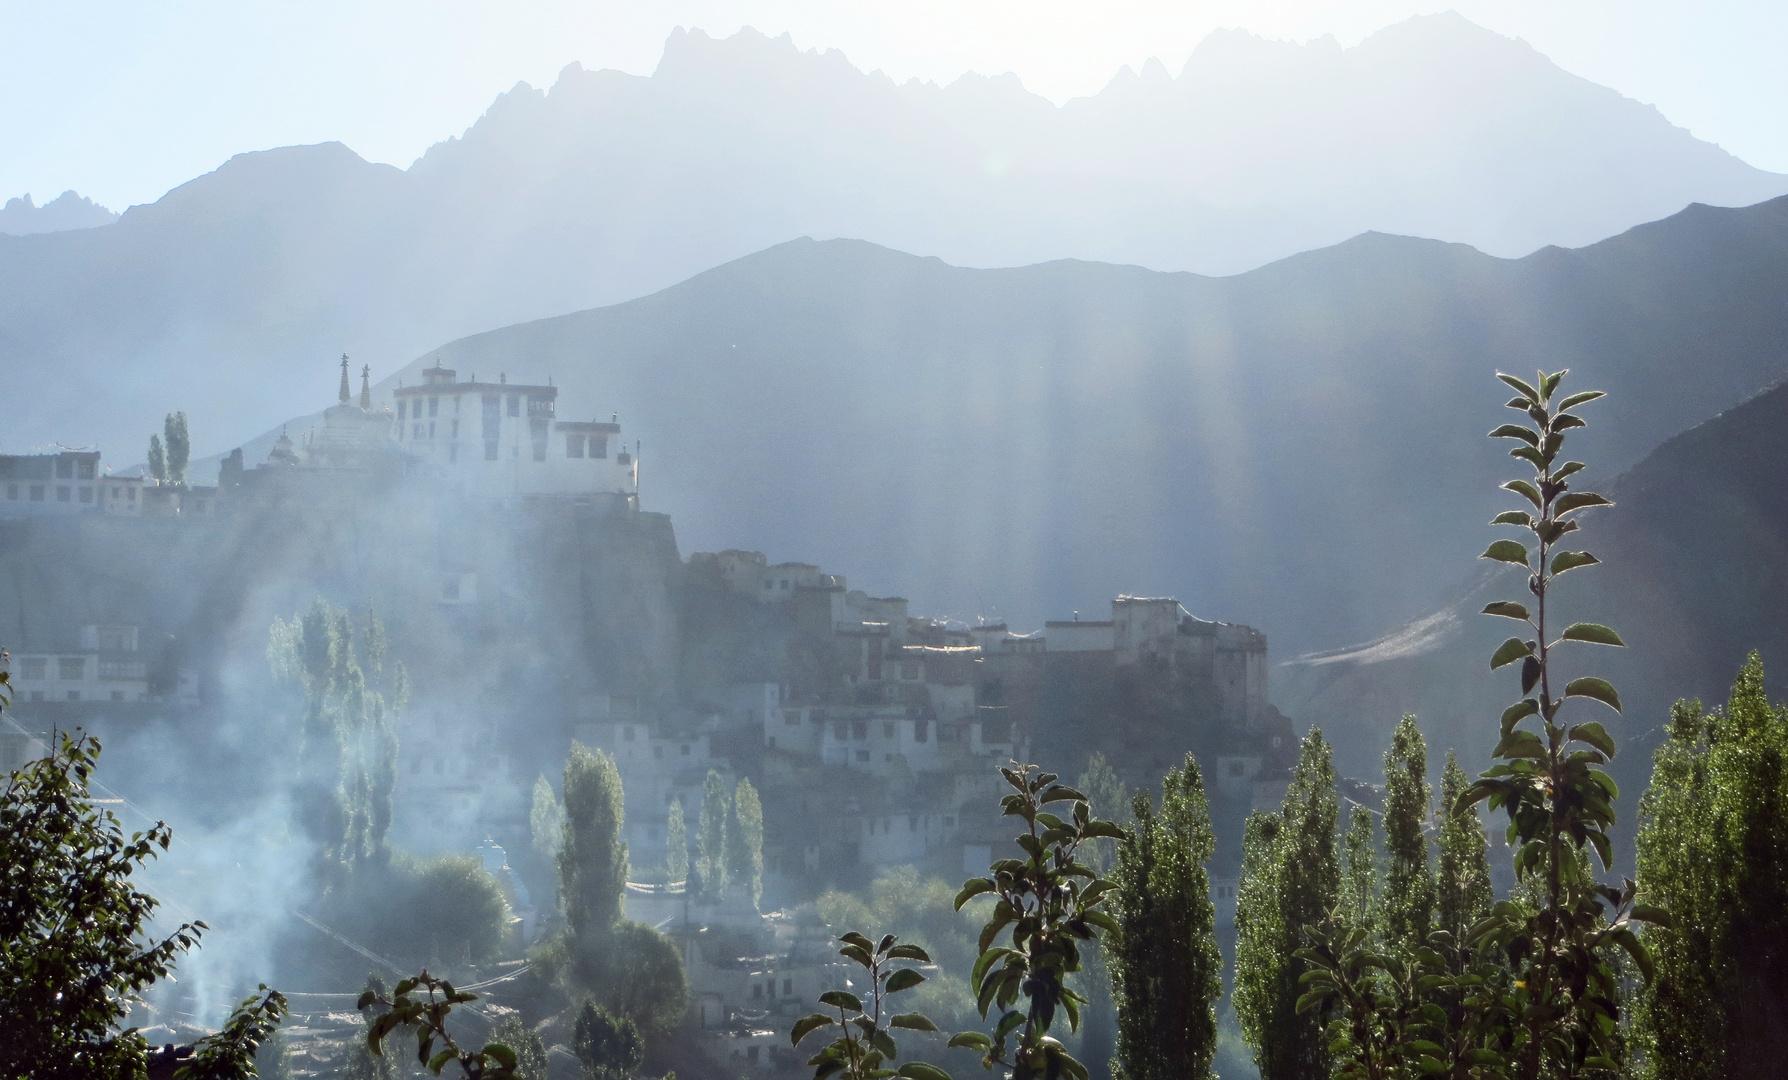 Das Kloster Lamayuru im Morgennebel